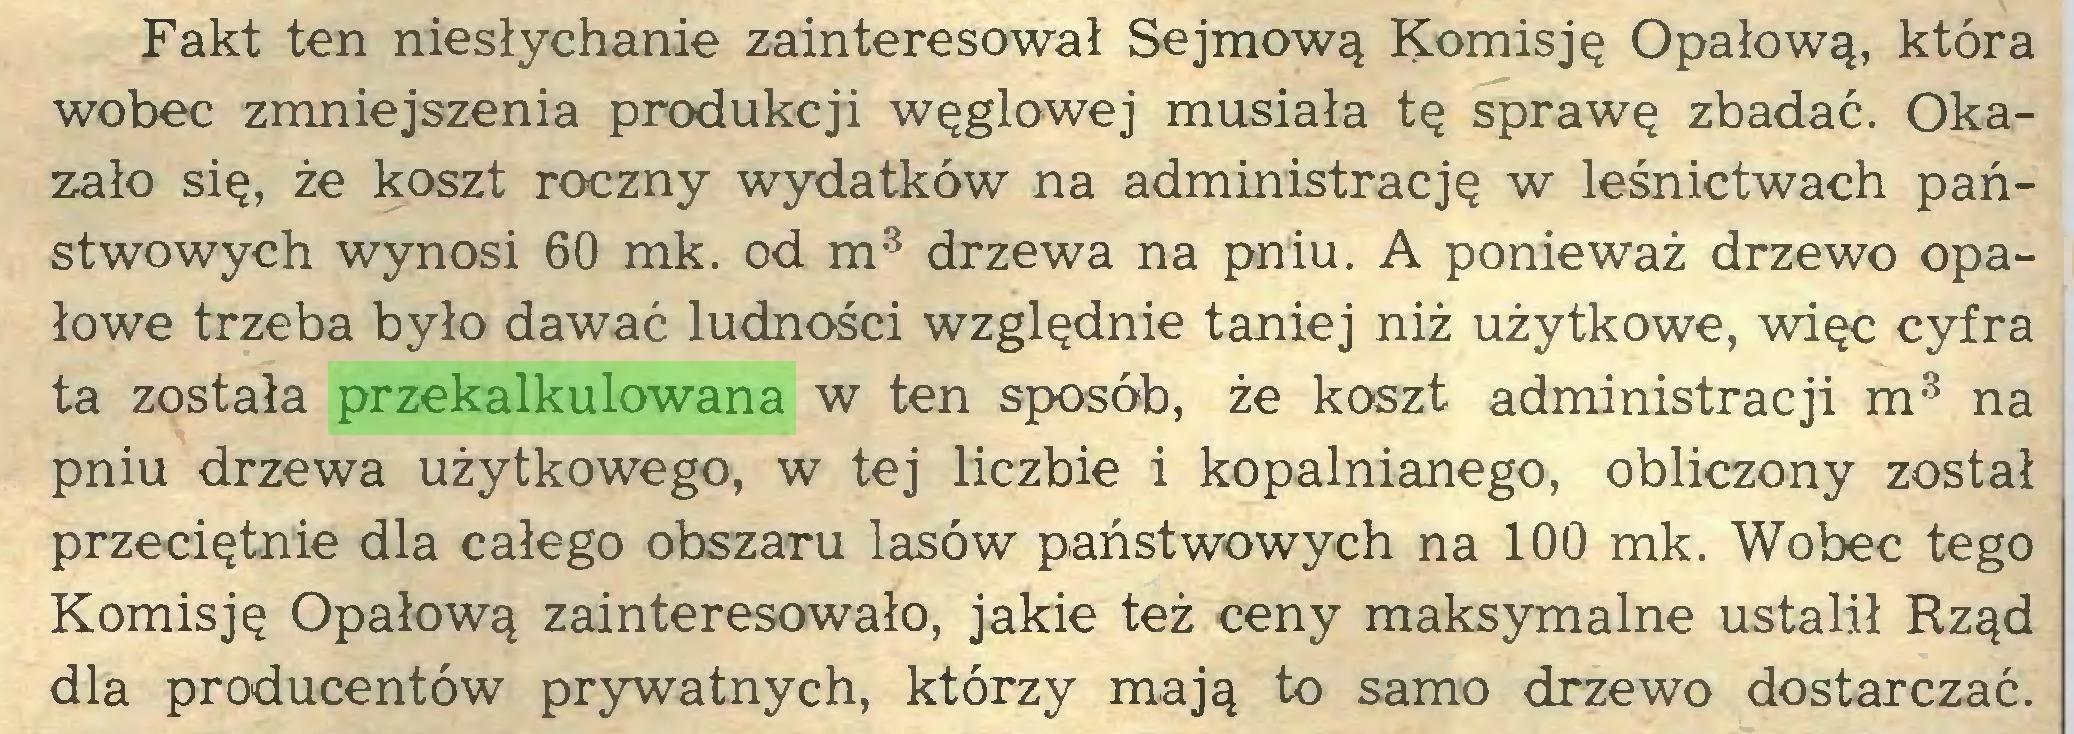 (...) Fakt ten niesłychanie zainteresował Sejmową Komisję Opałową, która wobec zmniejszenia produkcji węglowej musiała tę sprawę zbadać. Okazało się, że koszt roczny wydatków na administrację w leśnictwach państwowych wynosi 60 mk. od m3 drzewa na pniu. A ponieważ drzewo opałowe trzeba było dawać ludności względnie taniej niż użytkowe, więc cyfra ta została przekalkulowana w ten sposób, że koszt administracji m3 na pniu drzewa użytkowego, w tej liczbie i kopalnianego, obliczony został przeciętnie dla całego obszaru lasów państwowych na 100 mk. Wobec tego Komisję Opałową zainteresowało, jakie też ceny maksymalne ustalił Rząd dla producentów prywatnych, którzy mają to samo drzewo dostarczać...